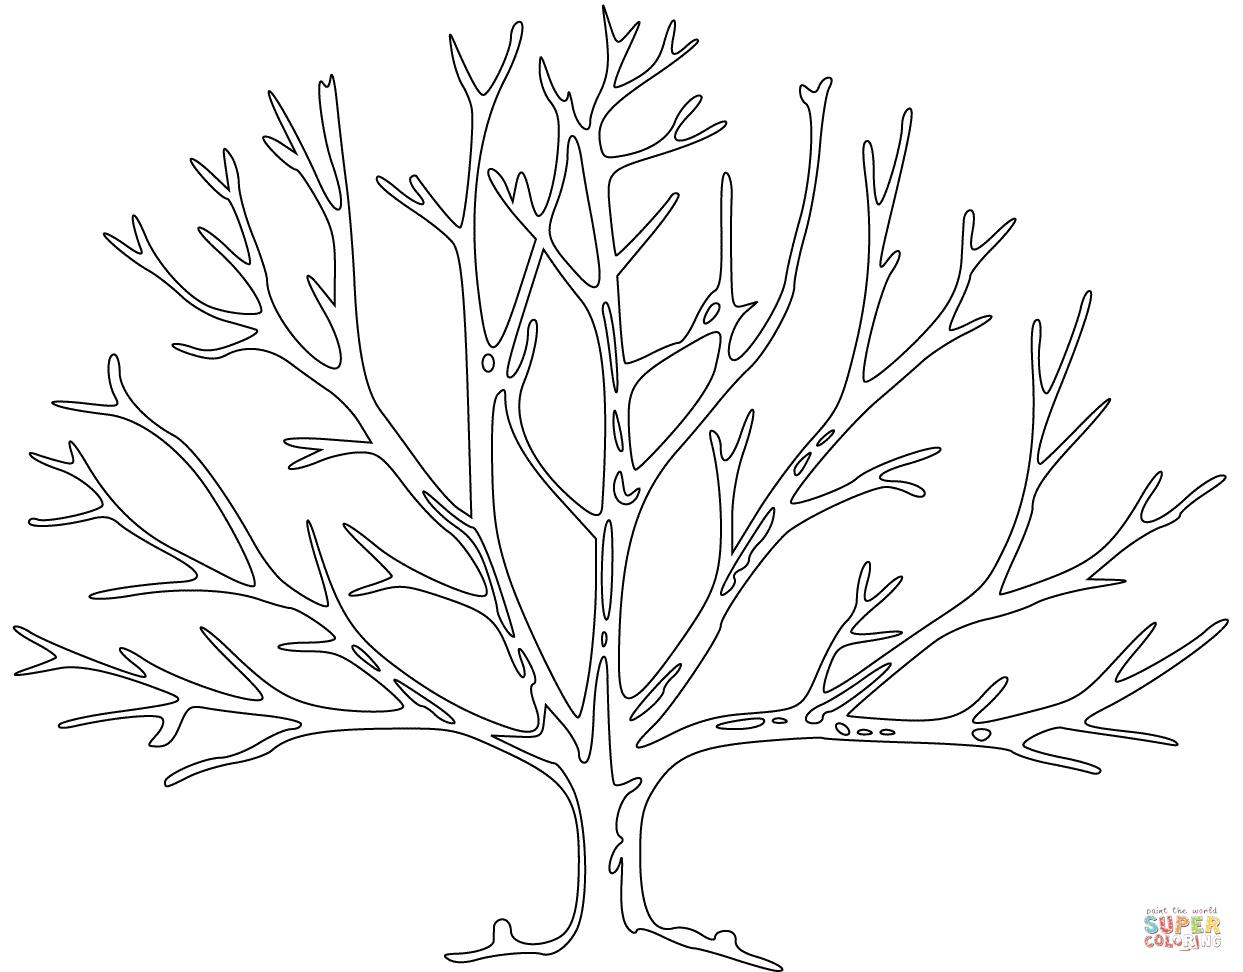 Coloriage - Arbre Sans Feuillage | Coloriages À Imprimer encequiconcerne Dessin De Feuille D Arbre À Imprimer